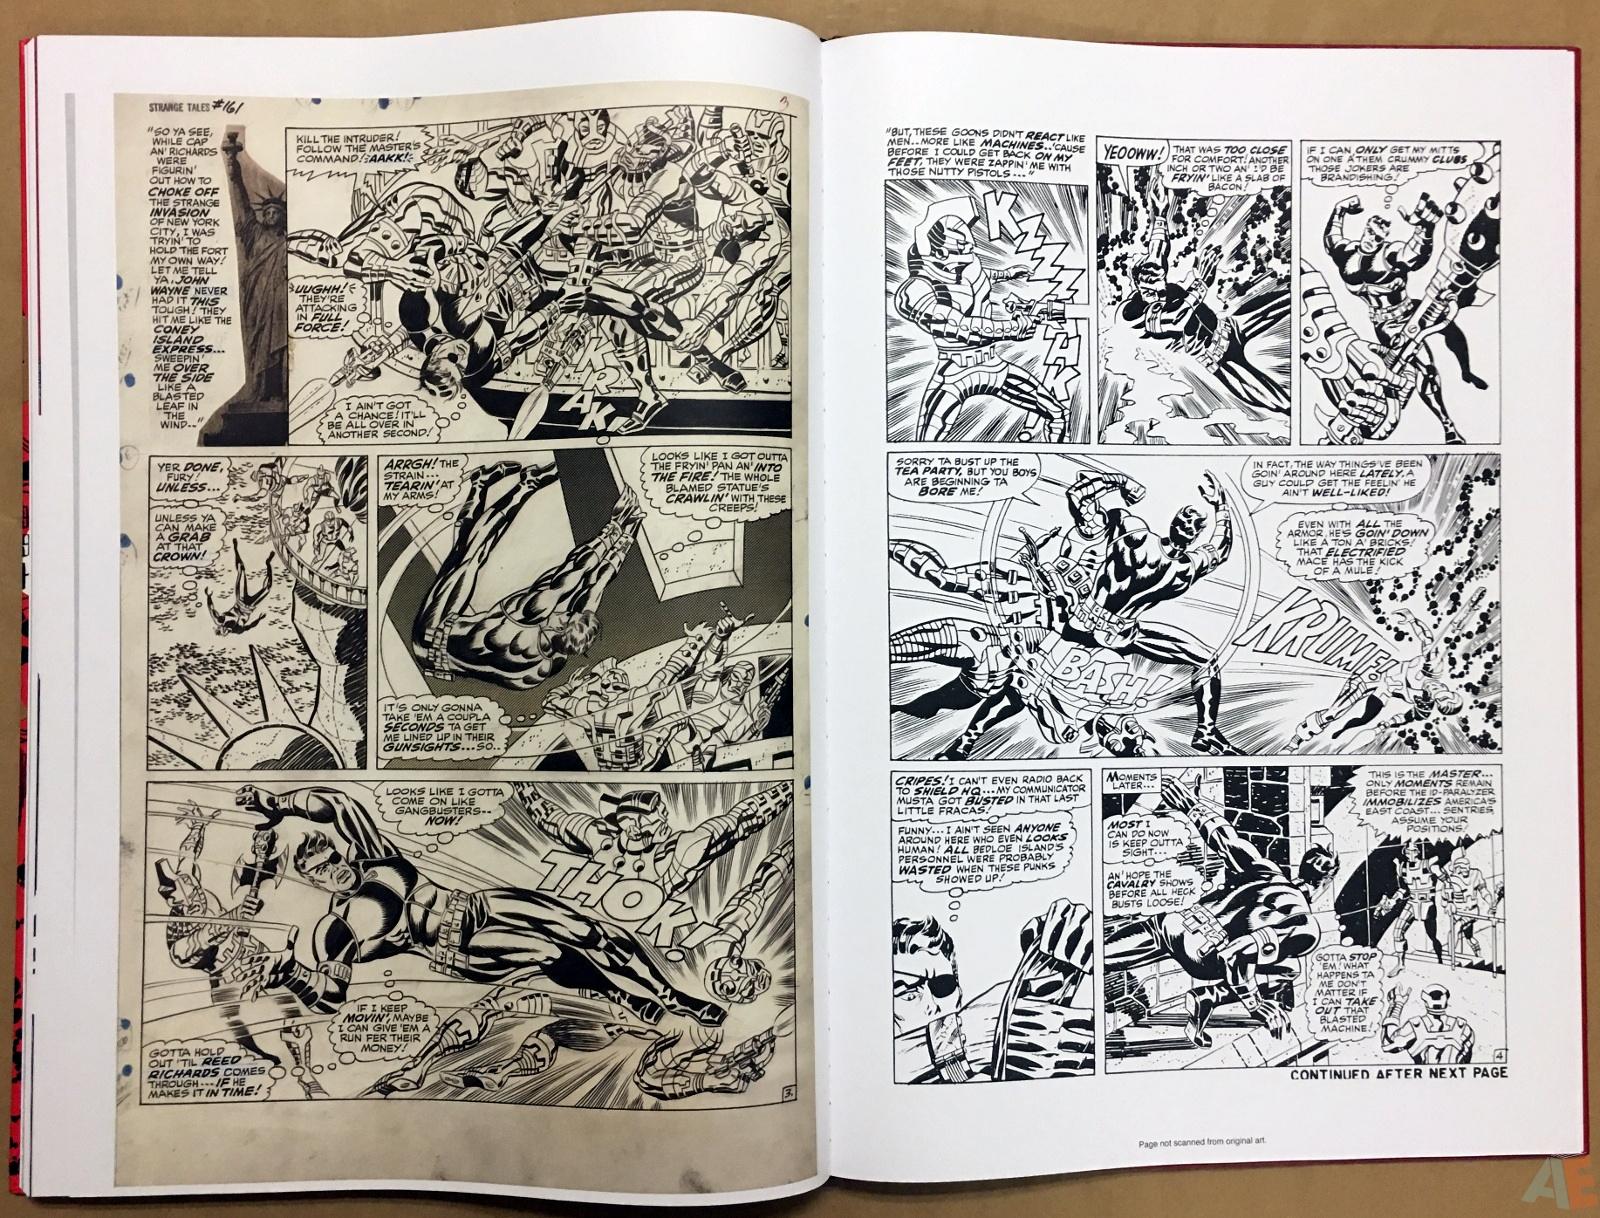 Steranko Nick Fury Agent of S.H.I.E.L.D. Artist's Edition 50